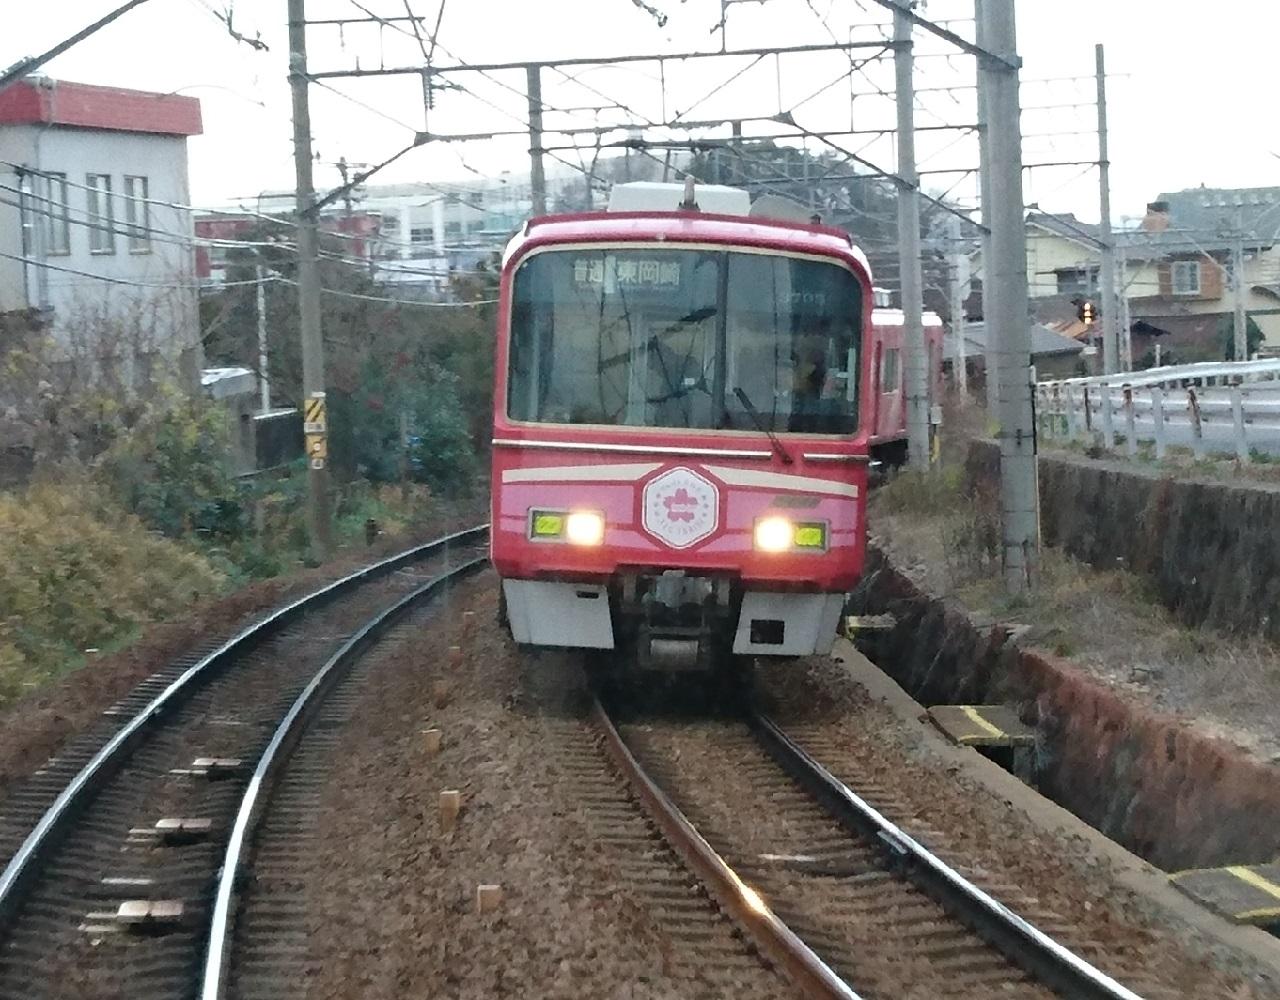 2017.1.12 (27) 岐阜いき特急 - 有松てまえ(さくらトレイン)1280-1000